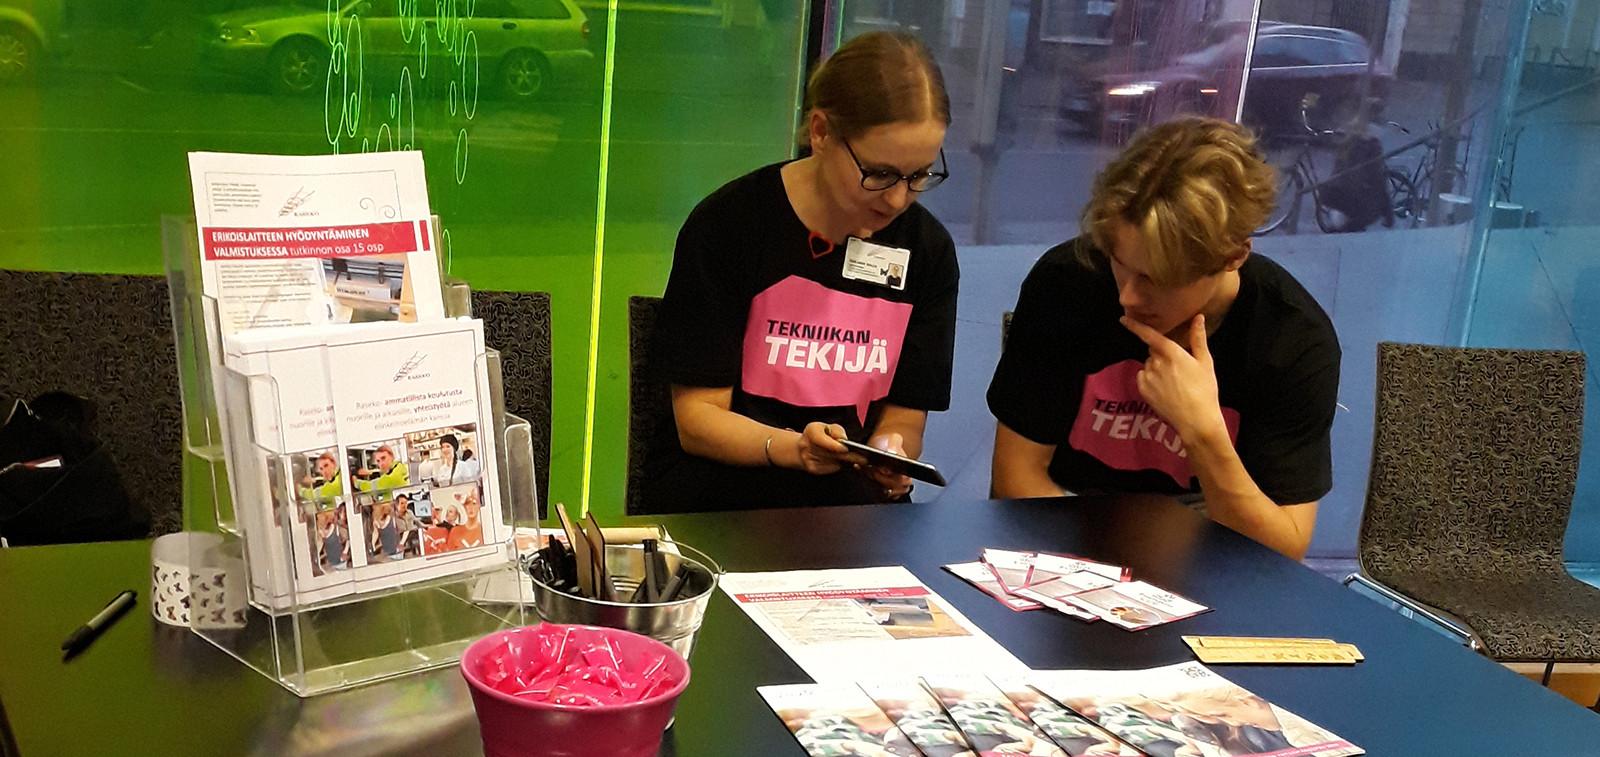 Kuvassa kaksi nuorta kirjastossa Tekniikan taitaja -esittelypisteellä, joista vasemmanpuoleinen nuori näyttää puhelinta oikeanpuoleiselle nuorelle. Pöydällä on tekniikan alojen koulutusesitteitä.